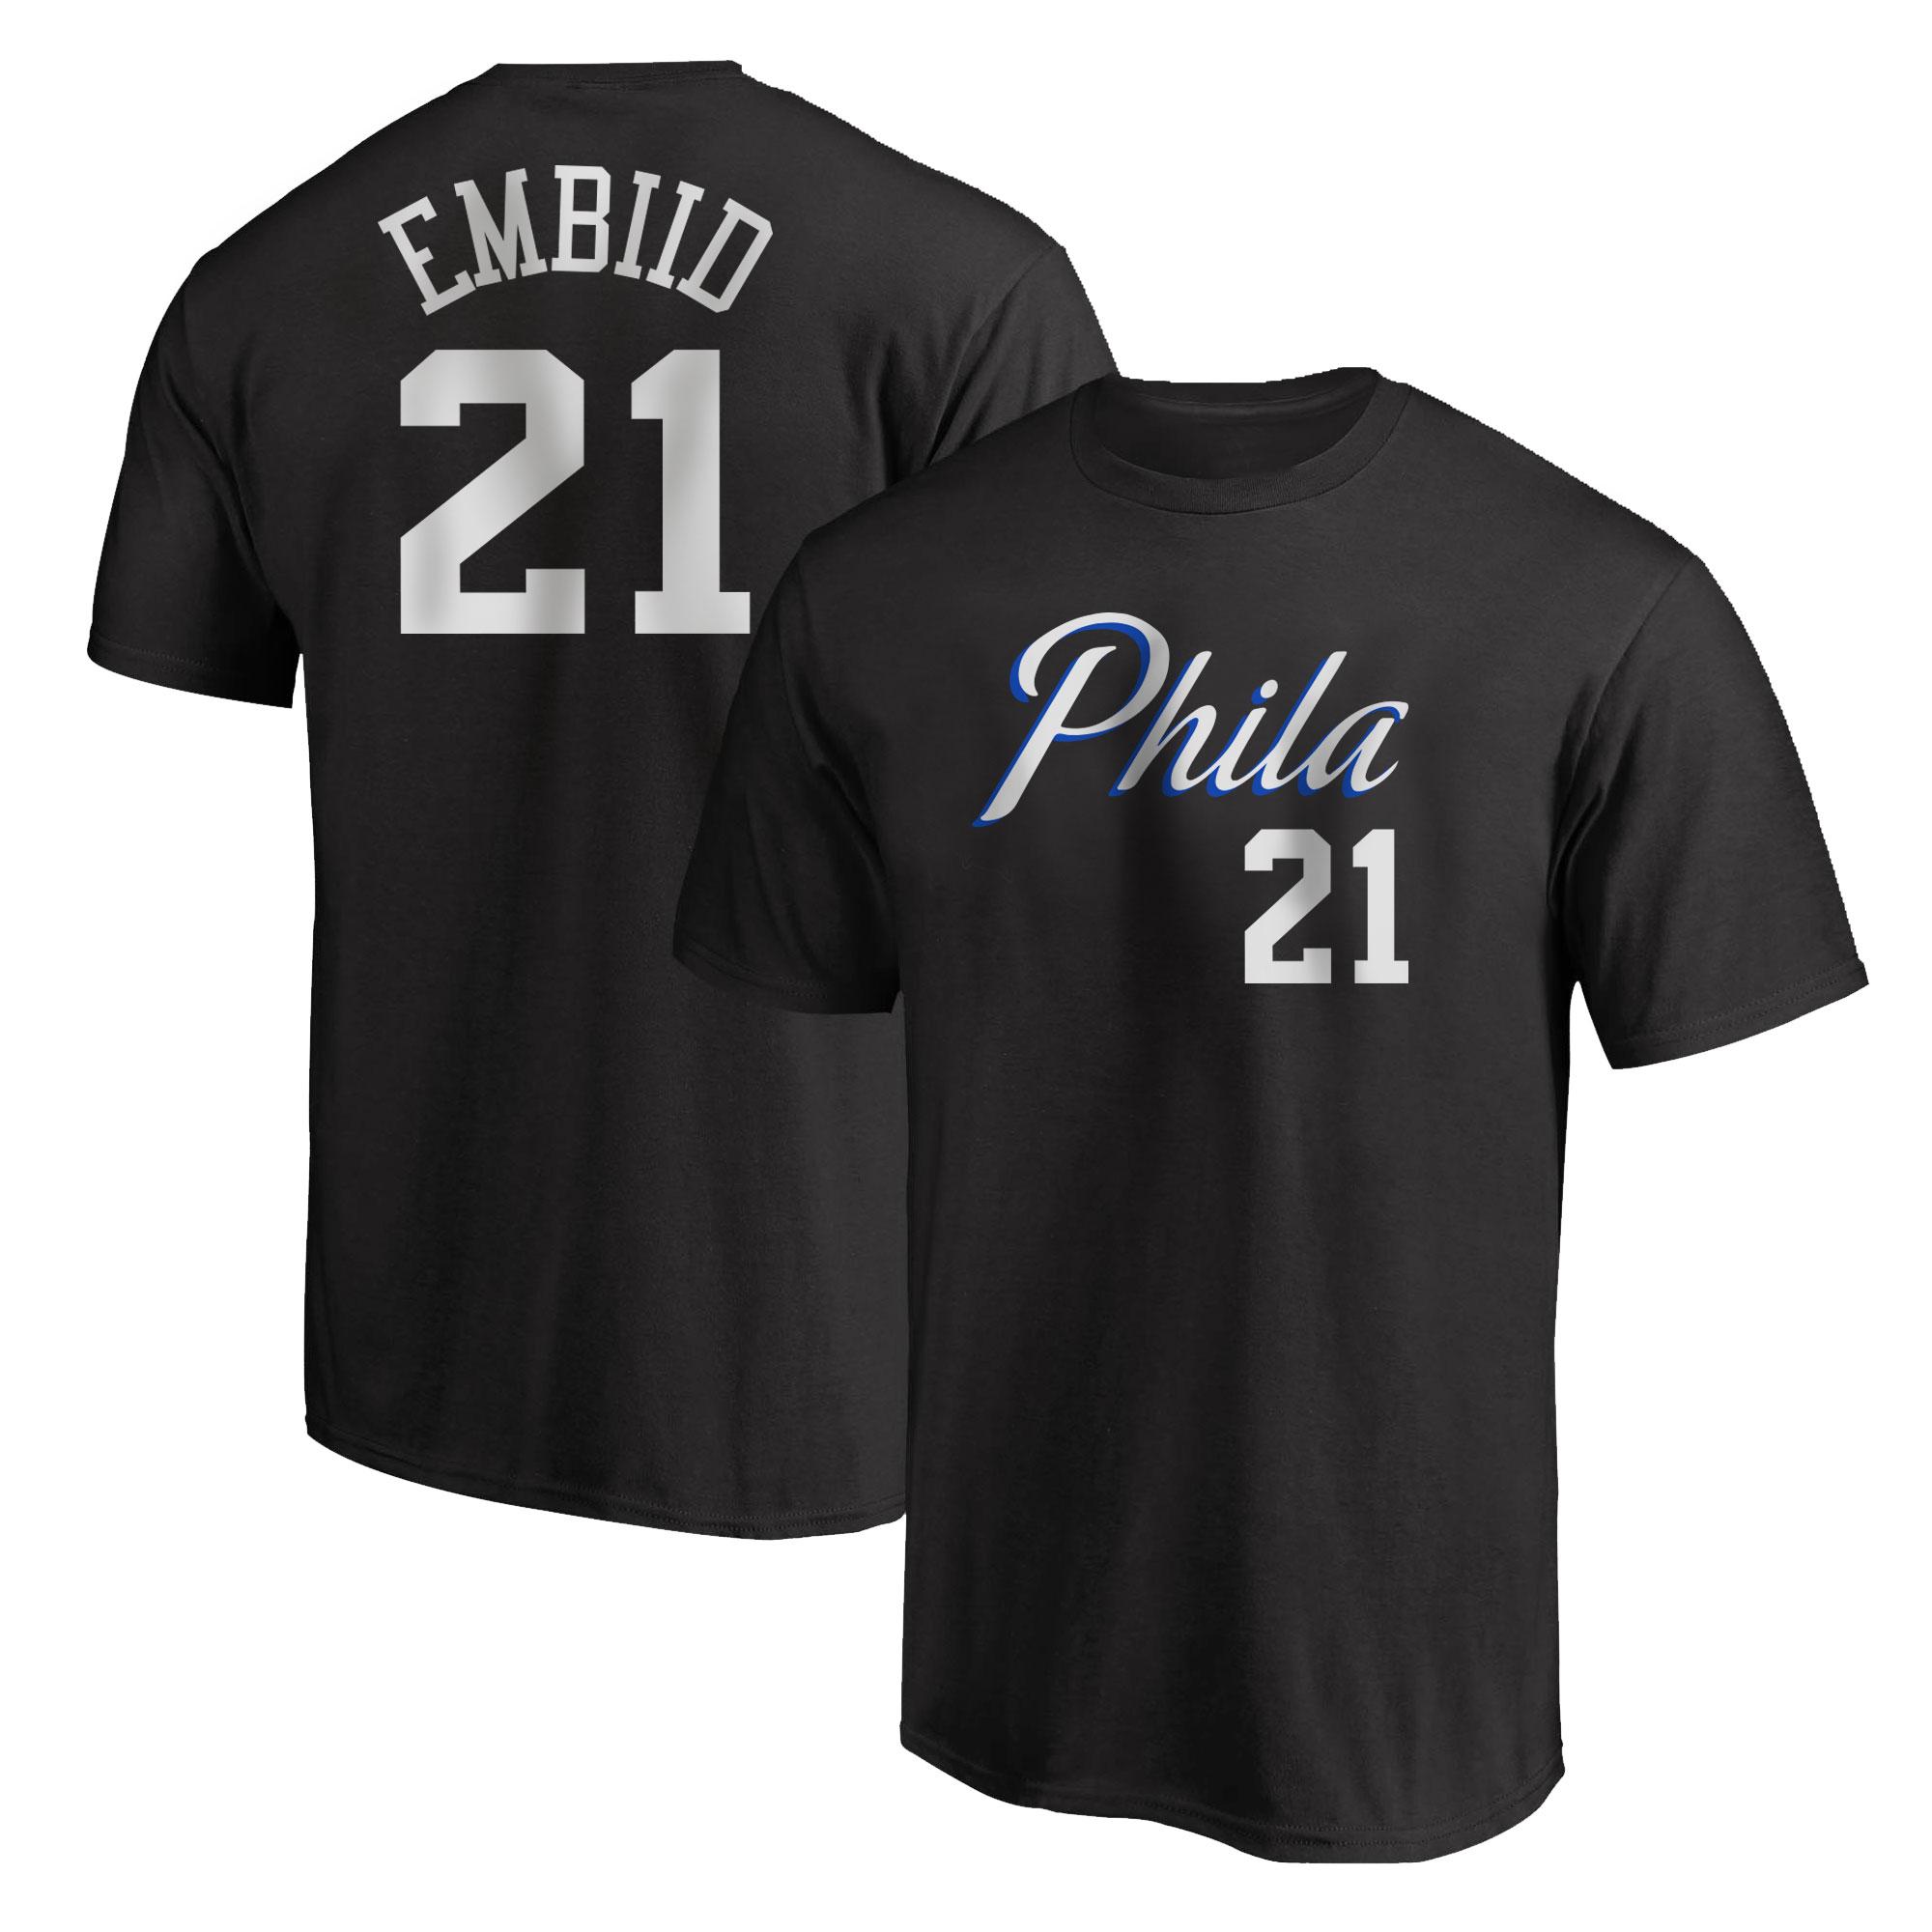 Philadelphia 76ers Joel Embiid Tshirt (TSH-BLC-PLT-504-21)